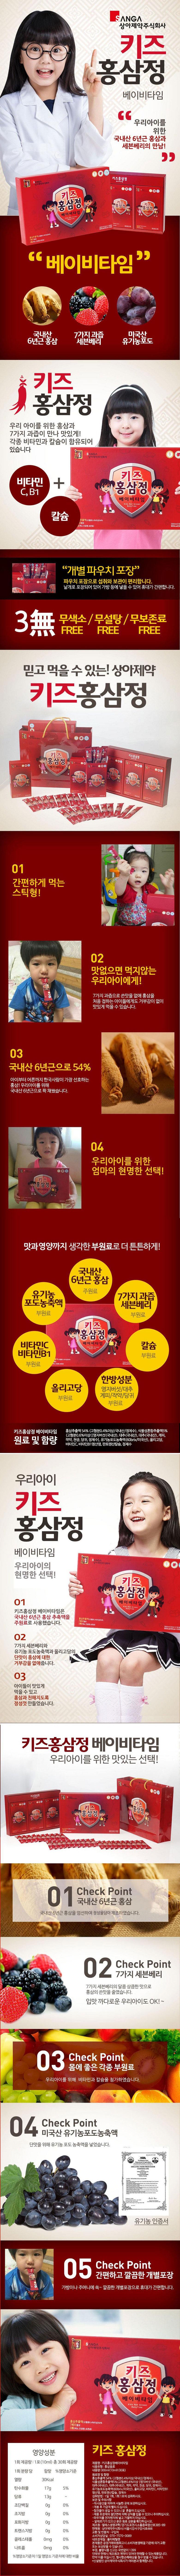 상아제약 키즈홍삼정 베이비타임 10ml x 30포 - G마켓 모바일